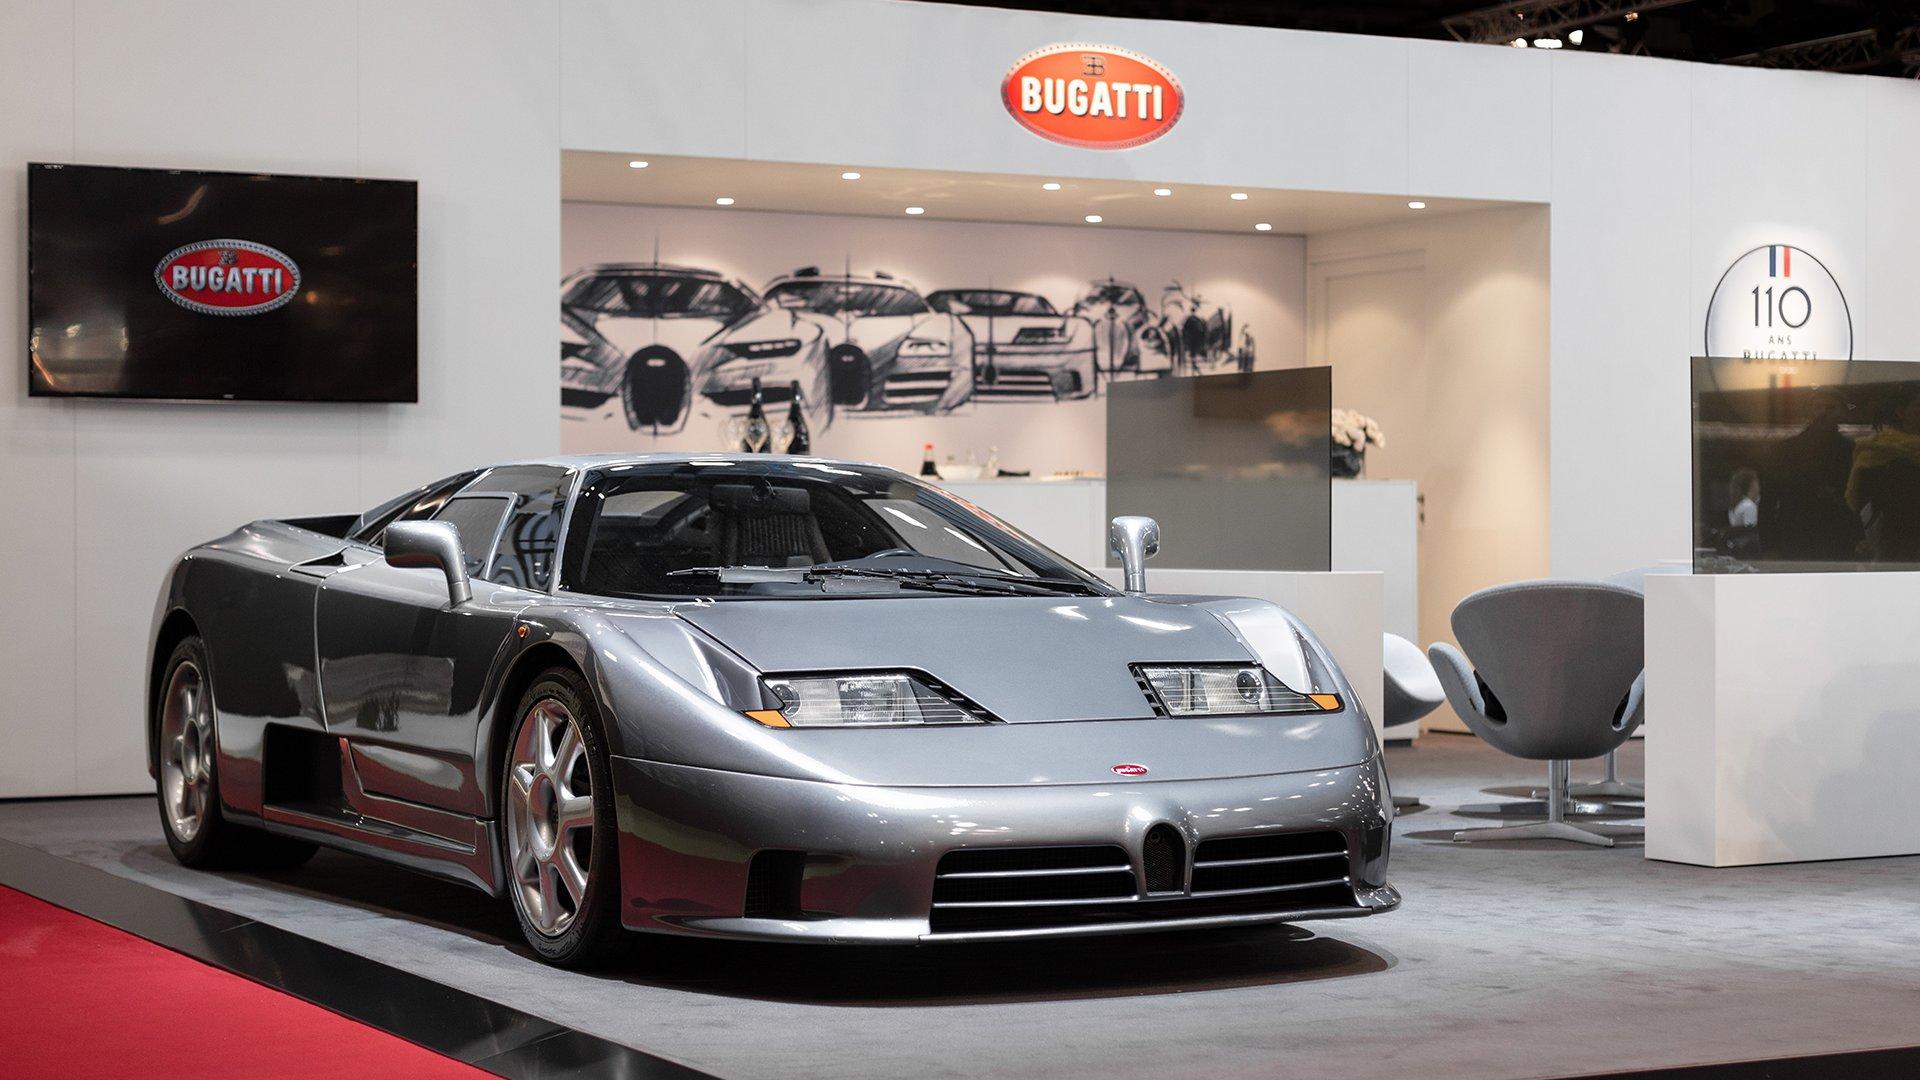 bugatti_eb110_gt_at_the_retromobile_show_2019.jpg